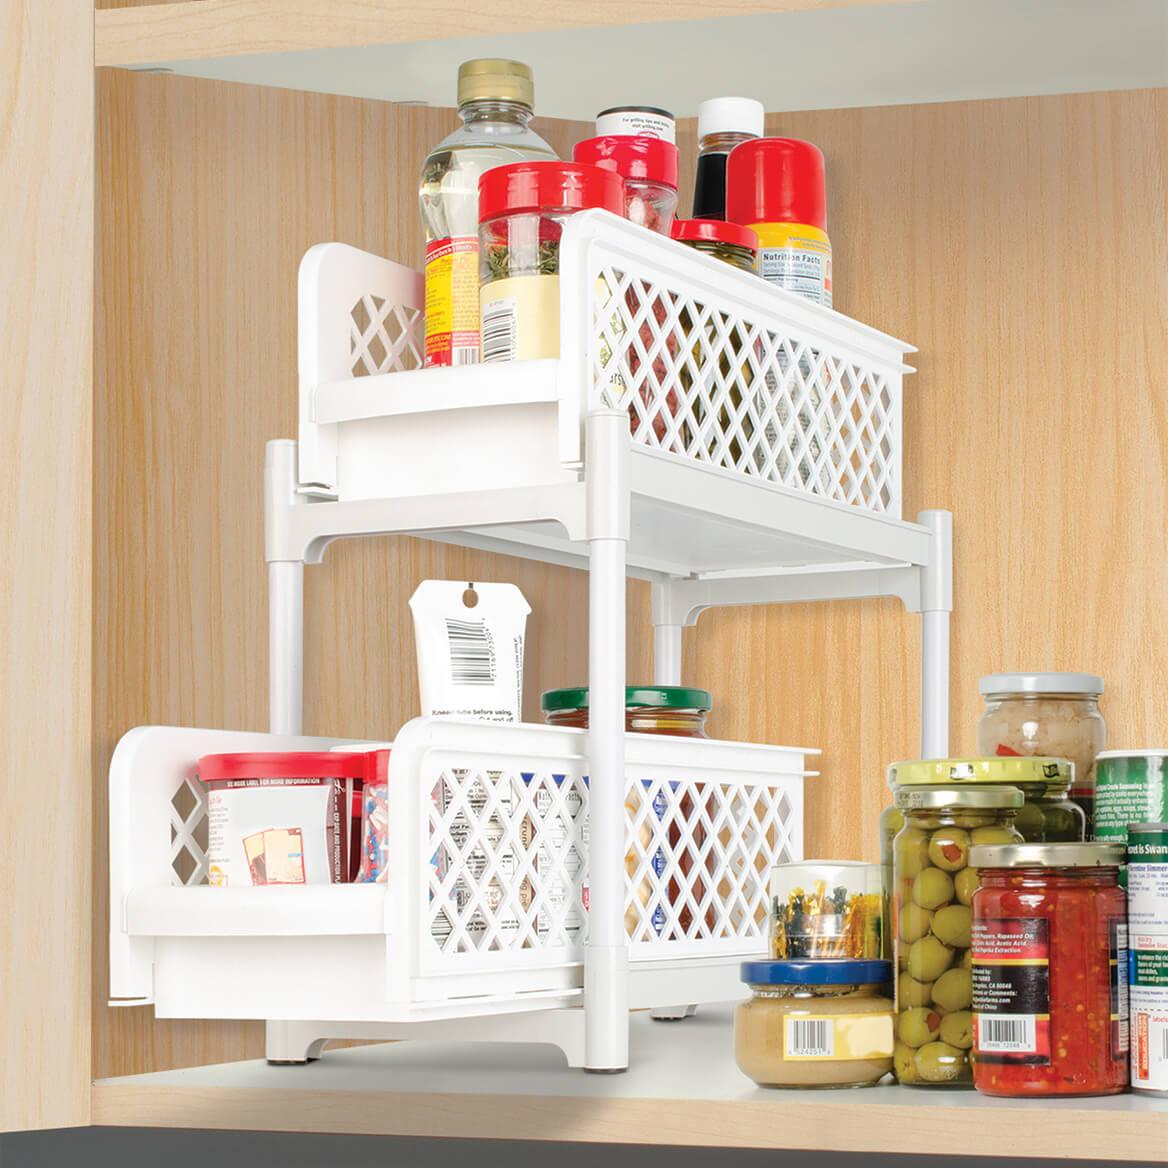 2-Tier Sliding Shelves-353997